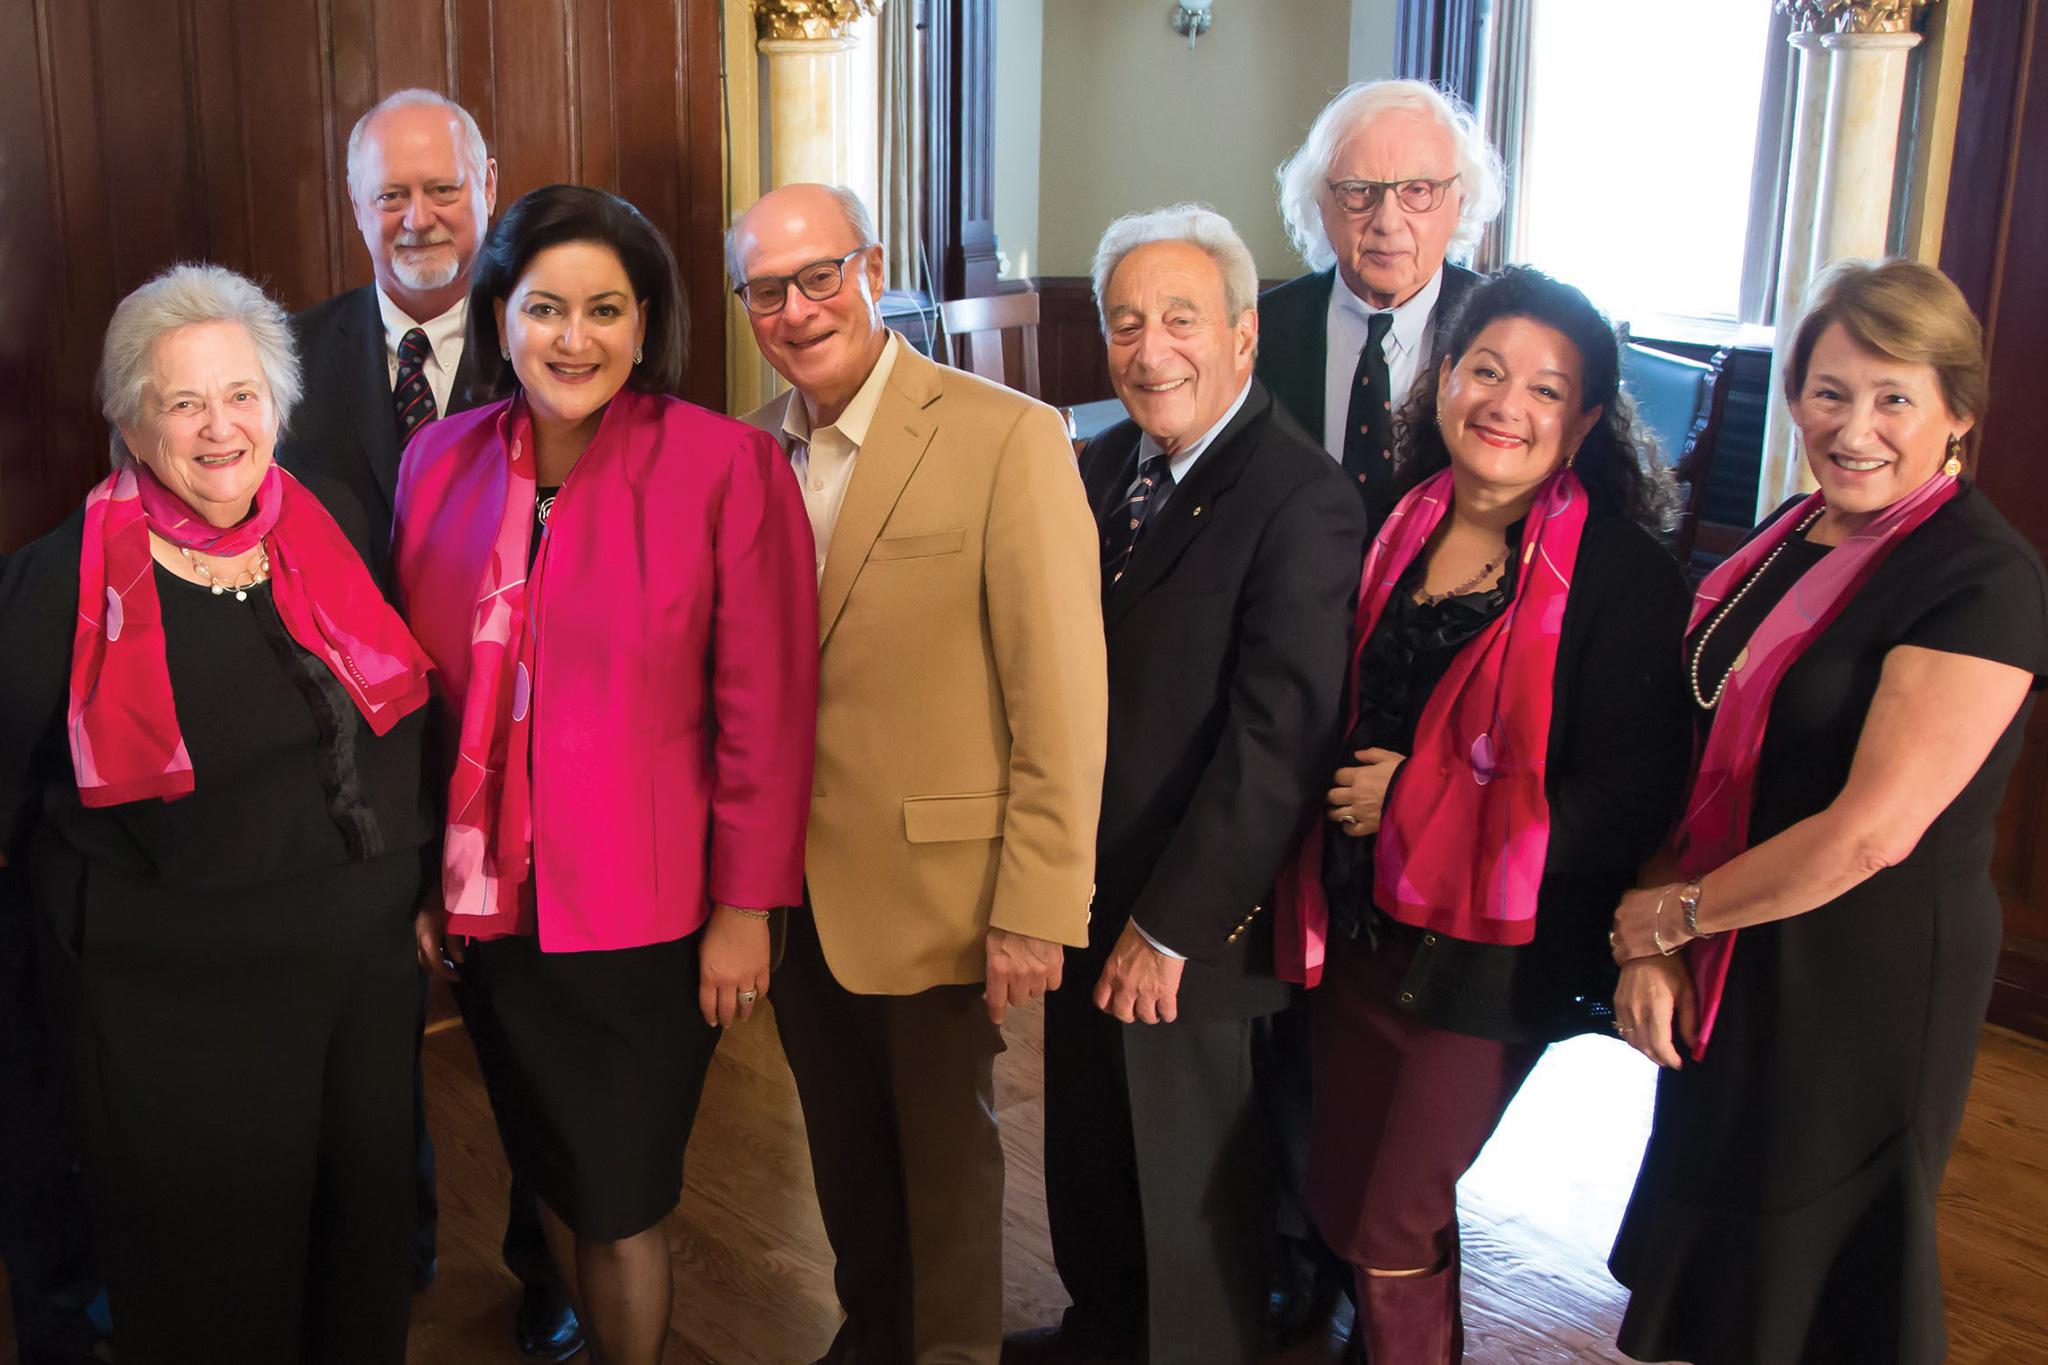 Azrieli Foundation Board of Directors